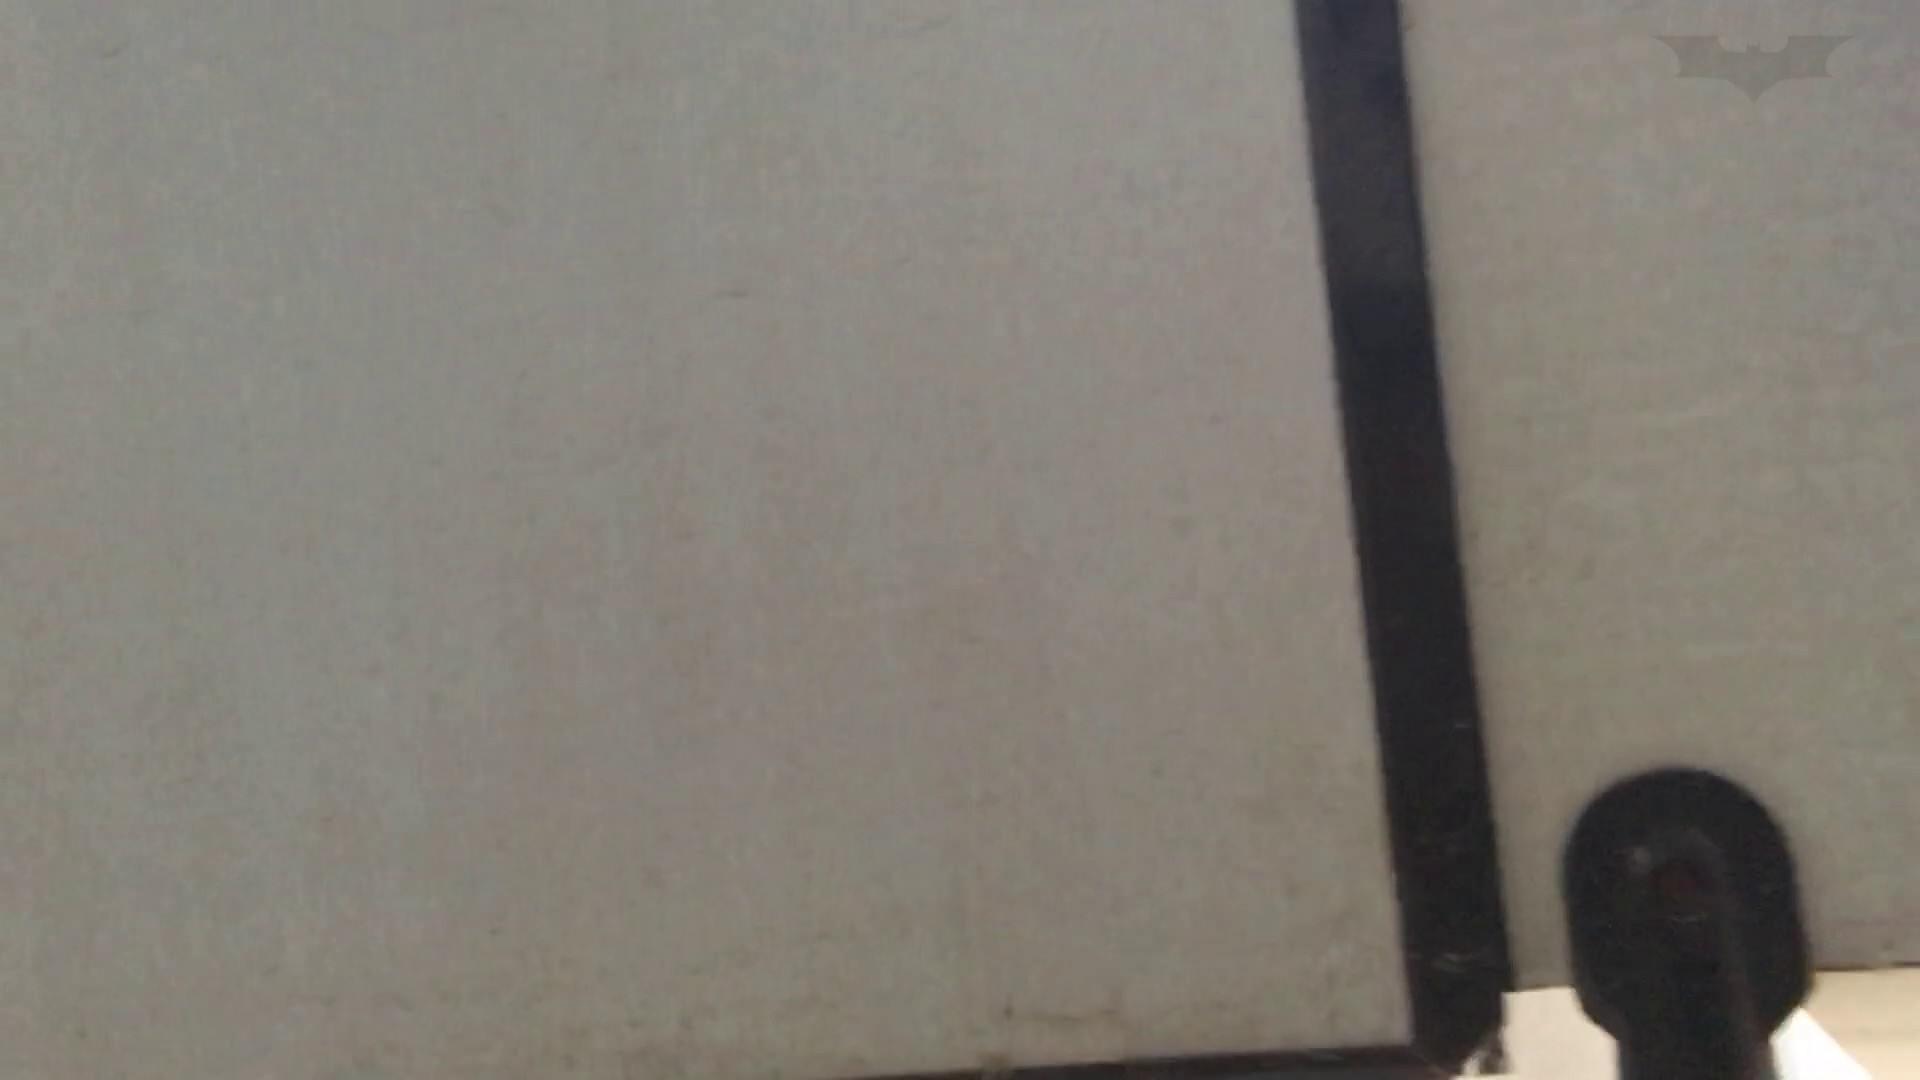 芸術大学ガチ潜入盗撮 JD盗撮 美女の洗面所の秘密 Vol.80 トイレ中 | 洗面所着替え  64連発 62